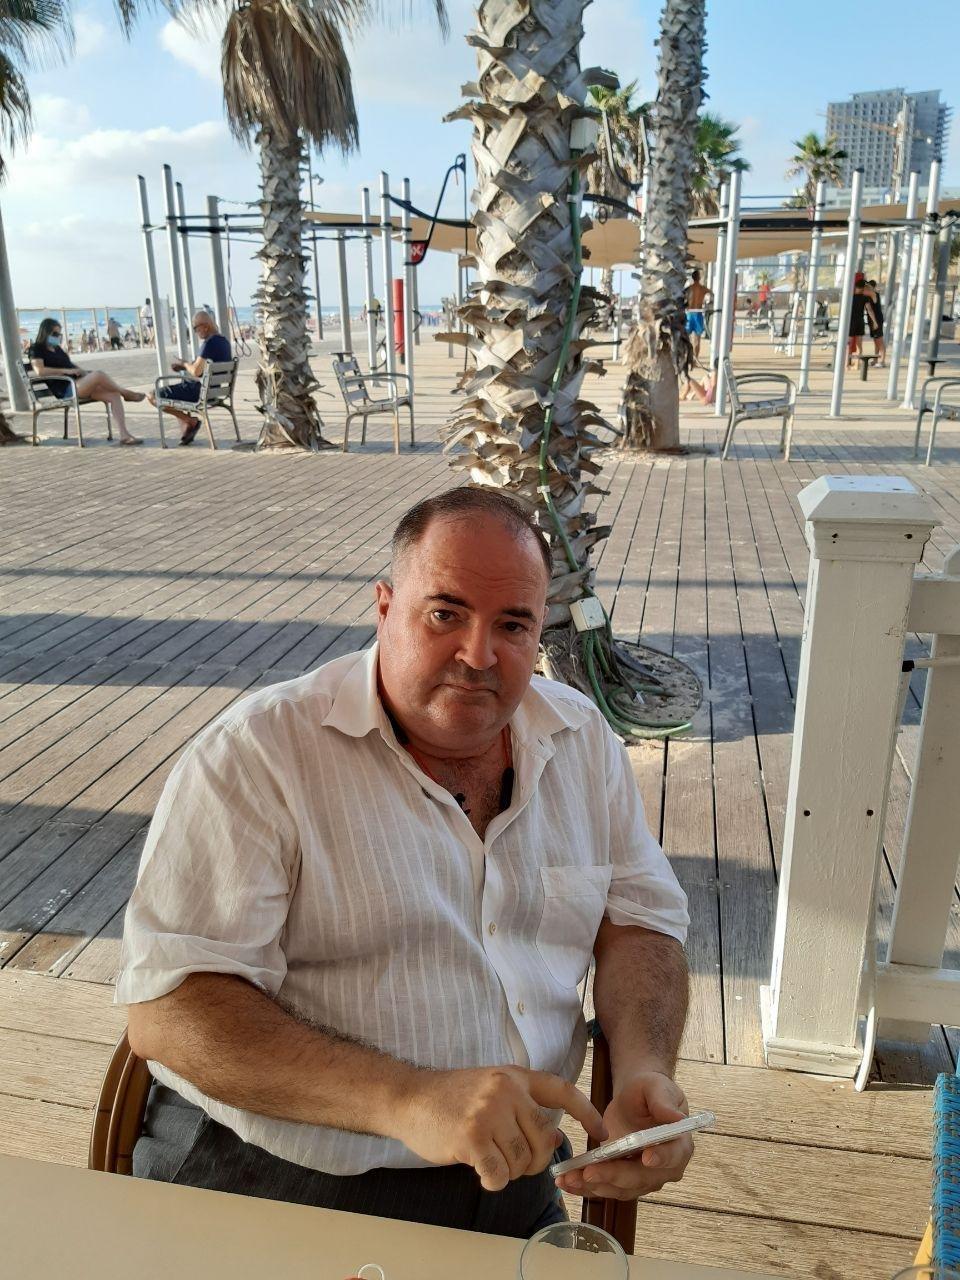 Борис Герман після звільнення одразу поїхав до Ізраеля / Інна Золотухіна